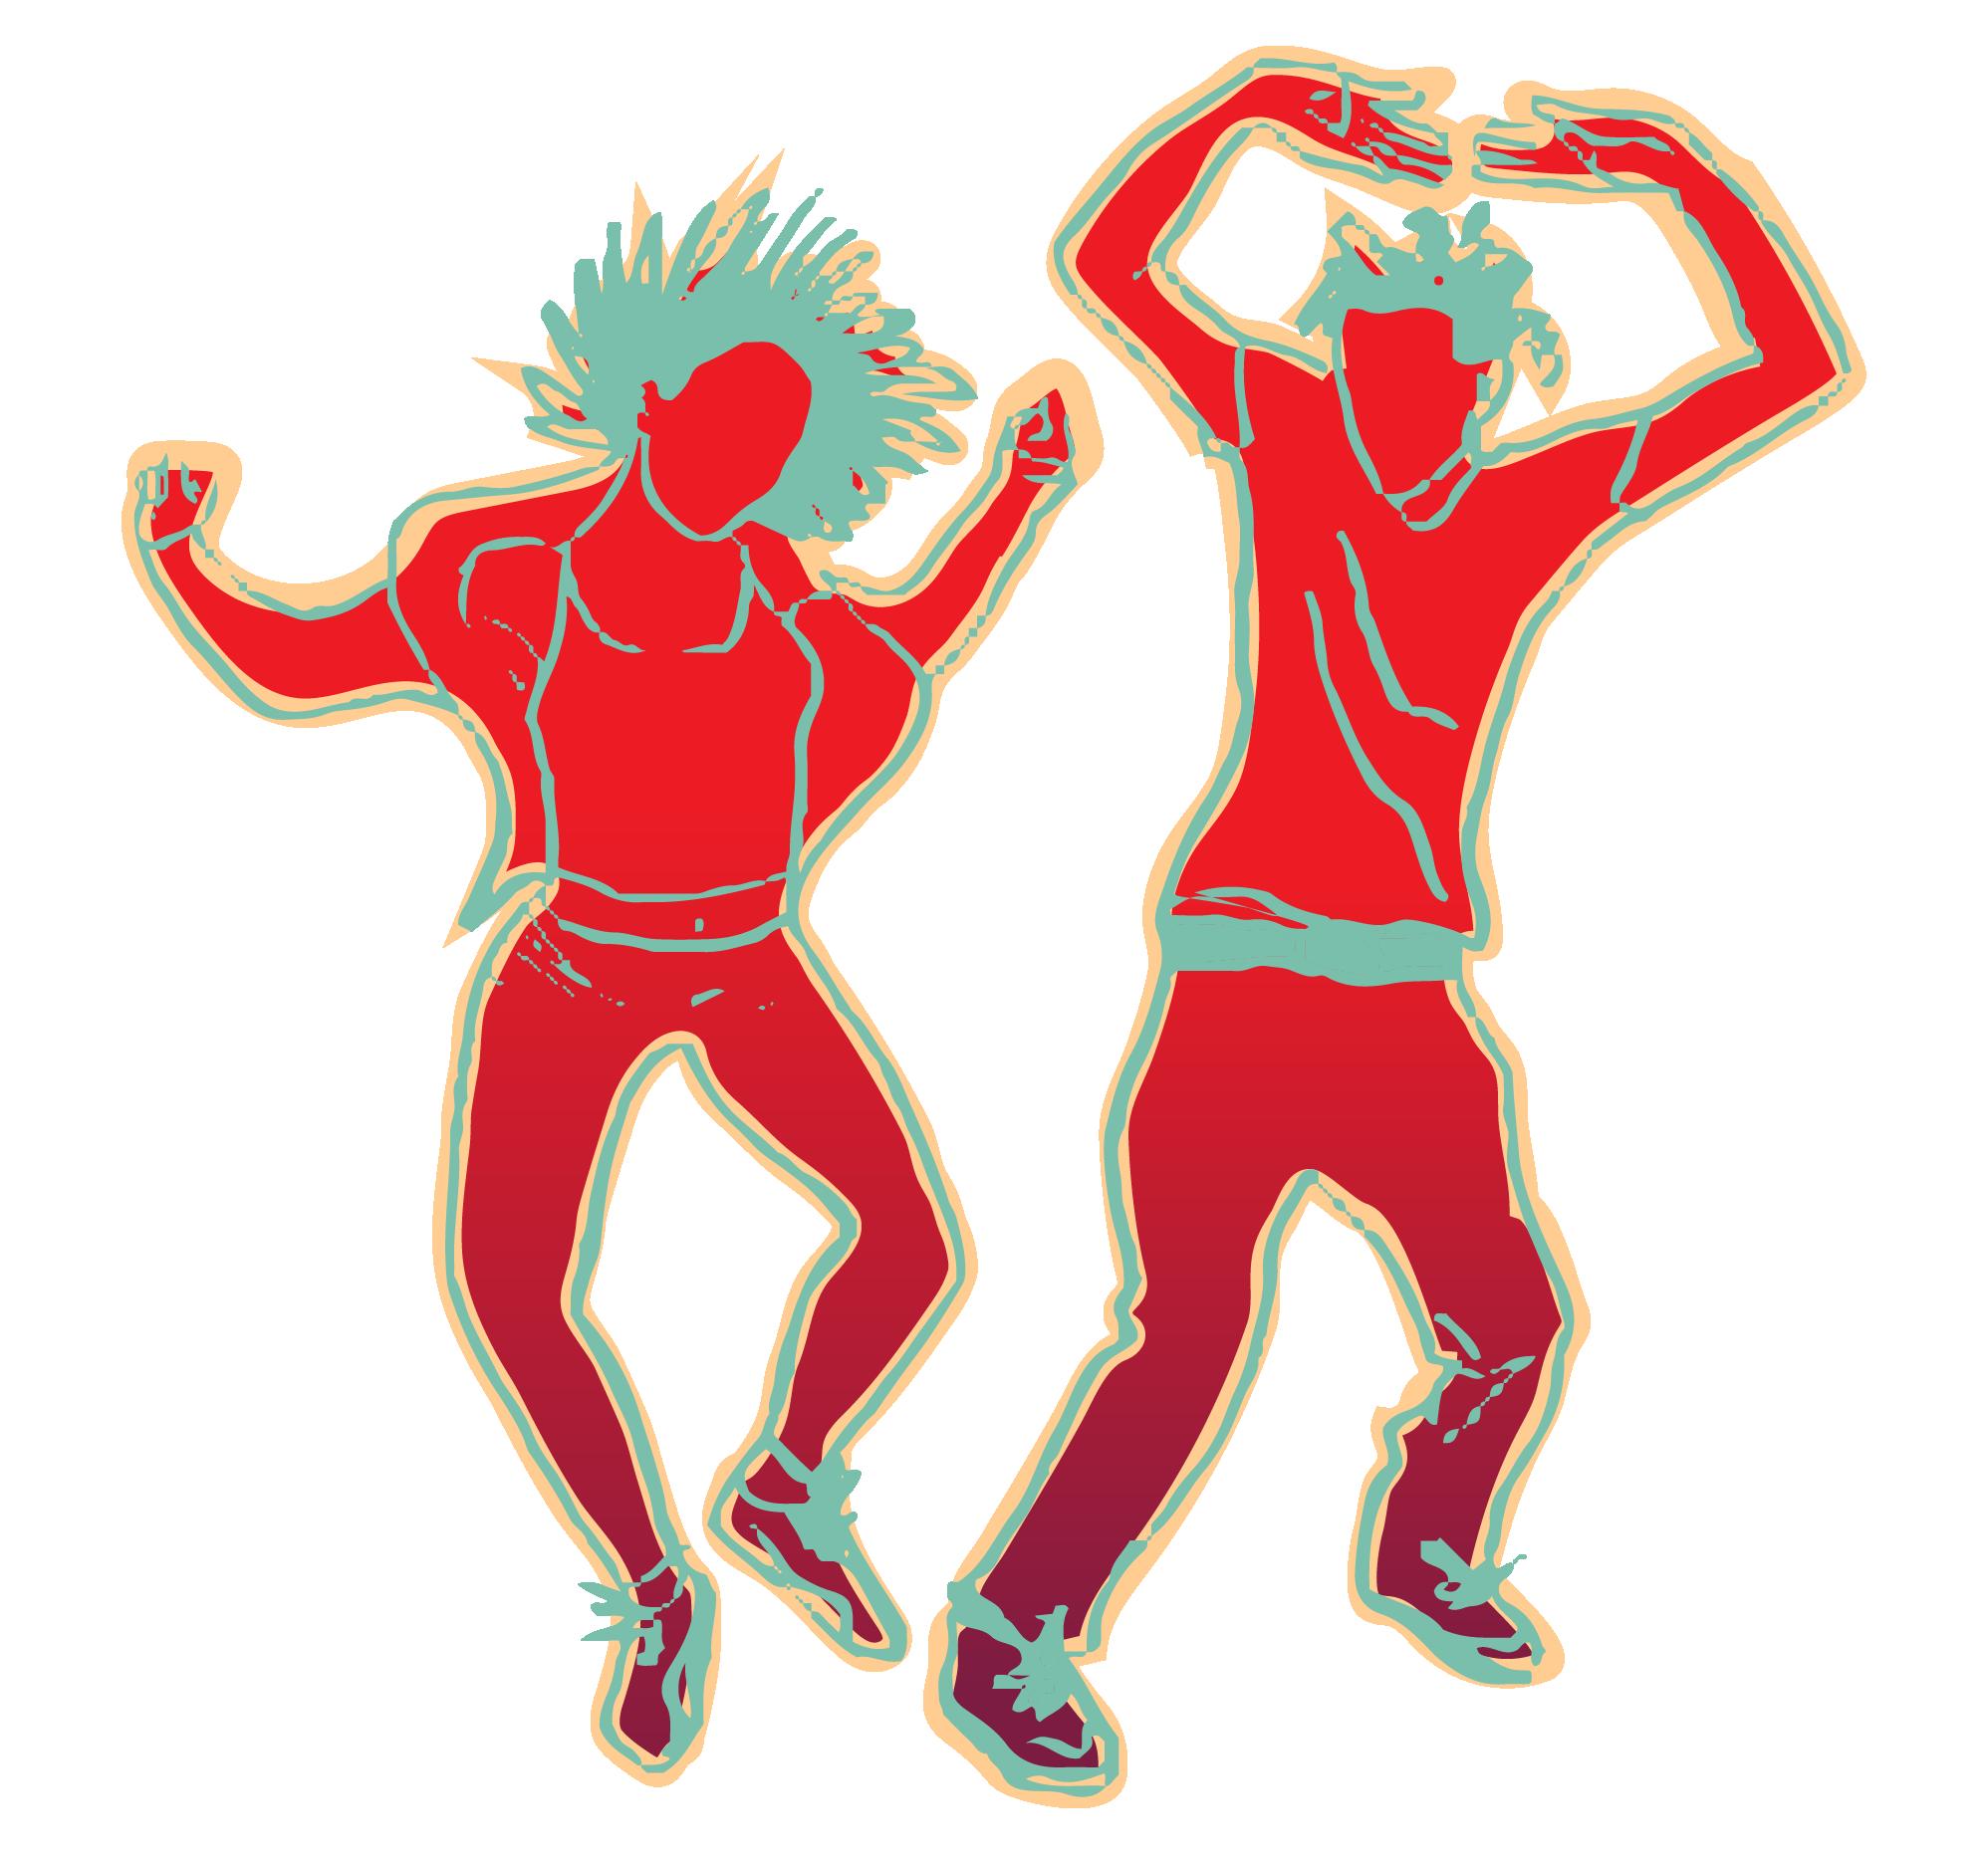 dancersbattling-02.png